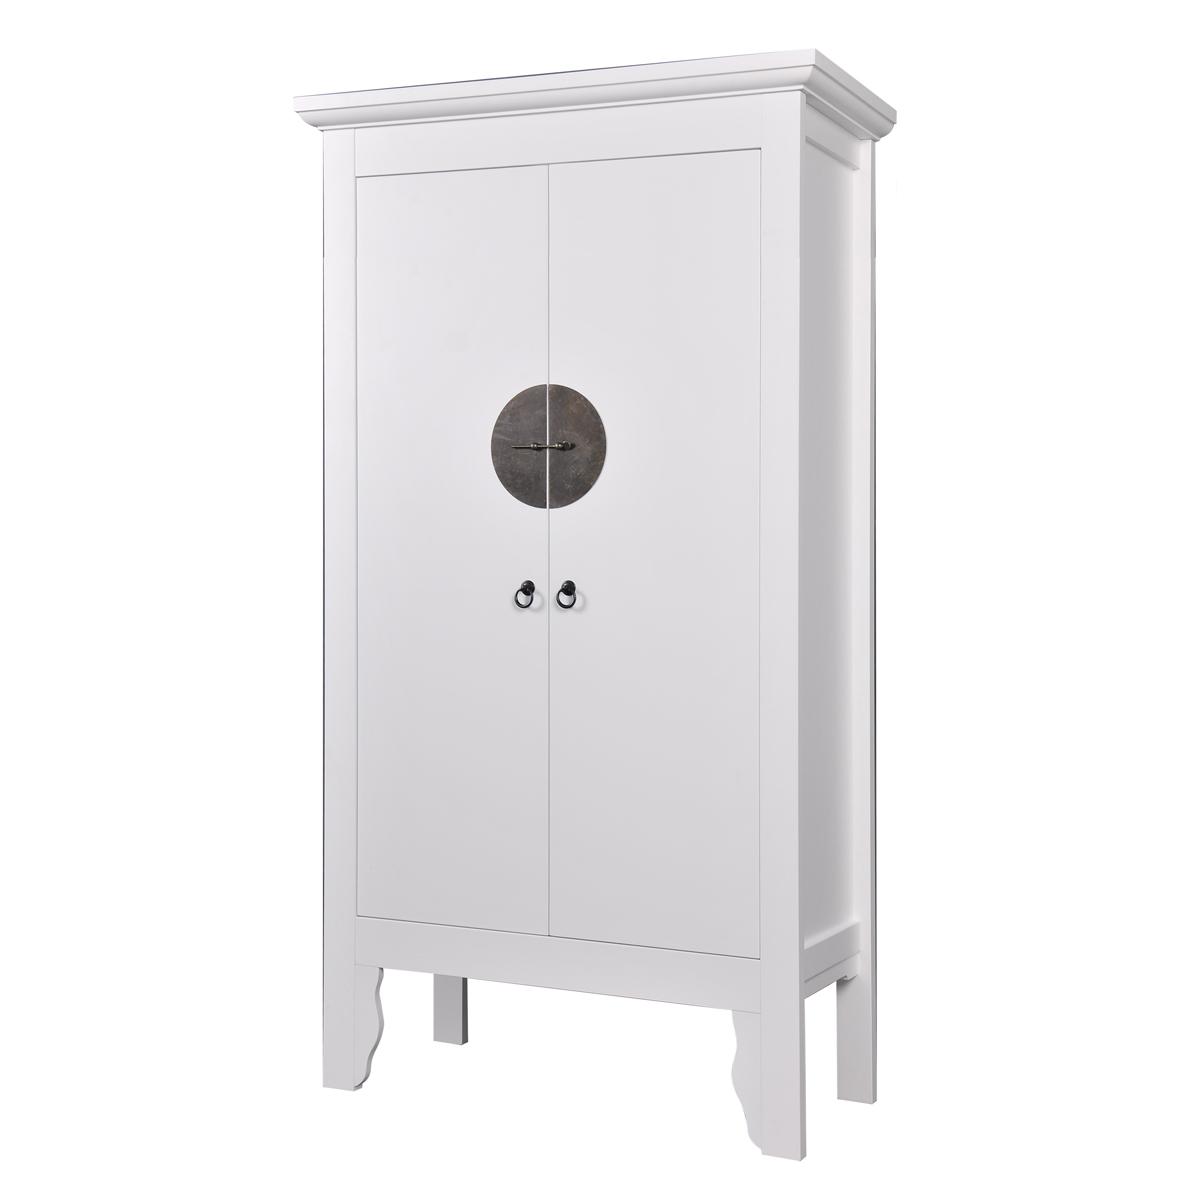 hochzeitsschrank asia stil lackiert china aussteuerschrank. Black Bedroom Furniture Sets. Home Design Ideas